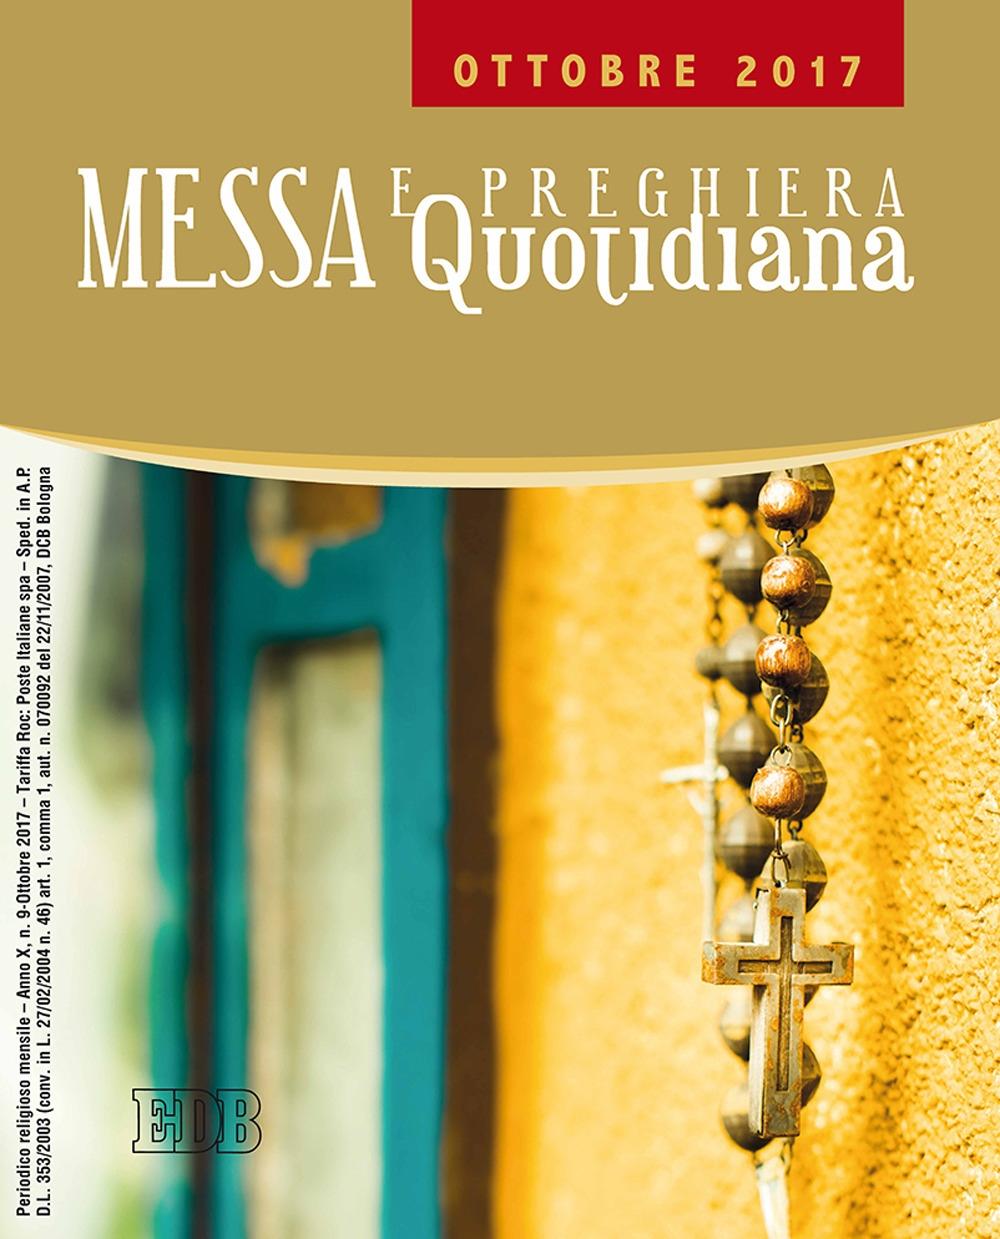 Messa e preghiera quotidiana (2017). Vol. 10: Ottobre 2017